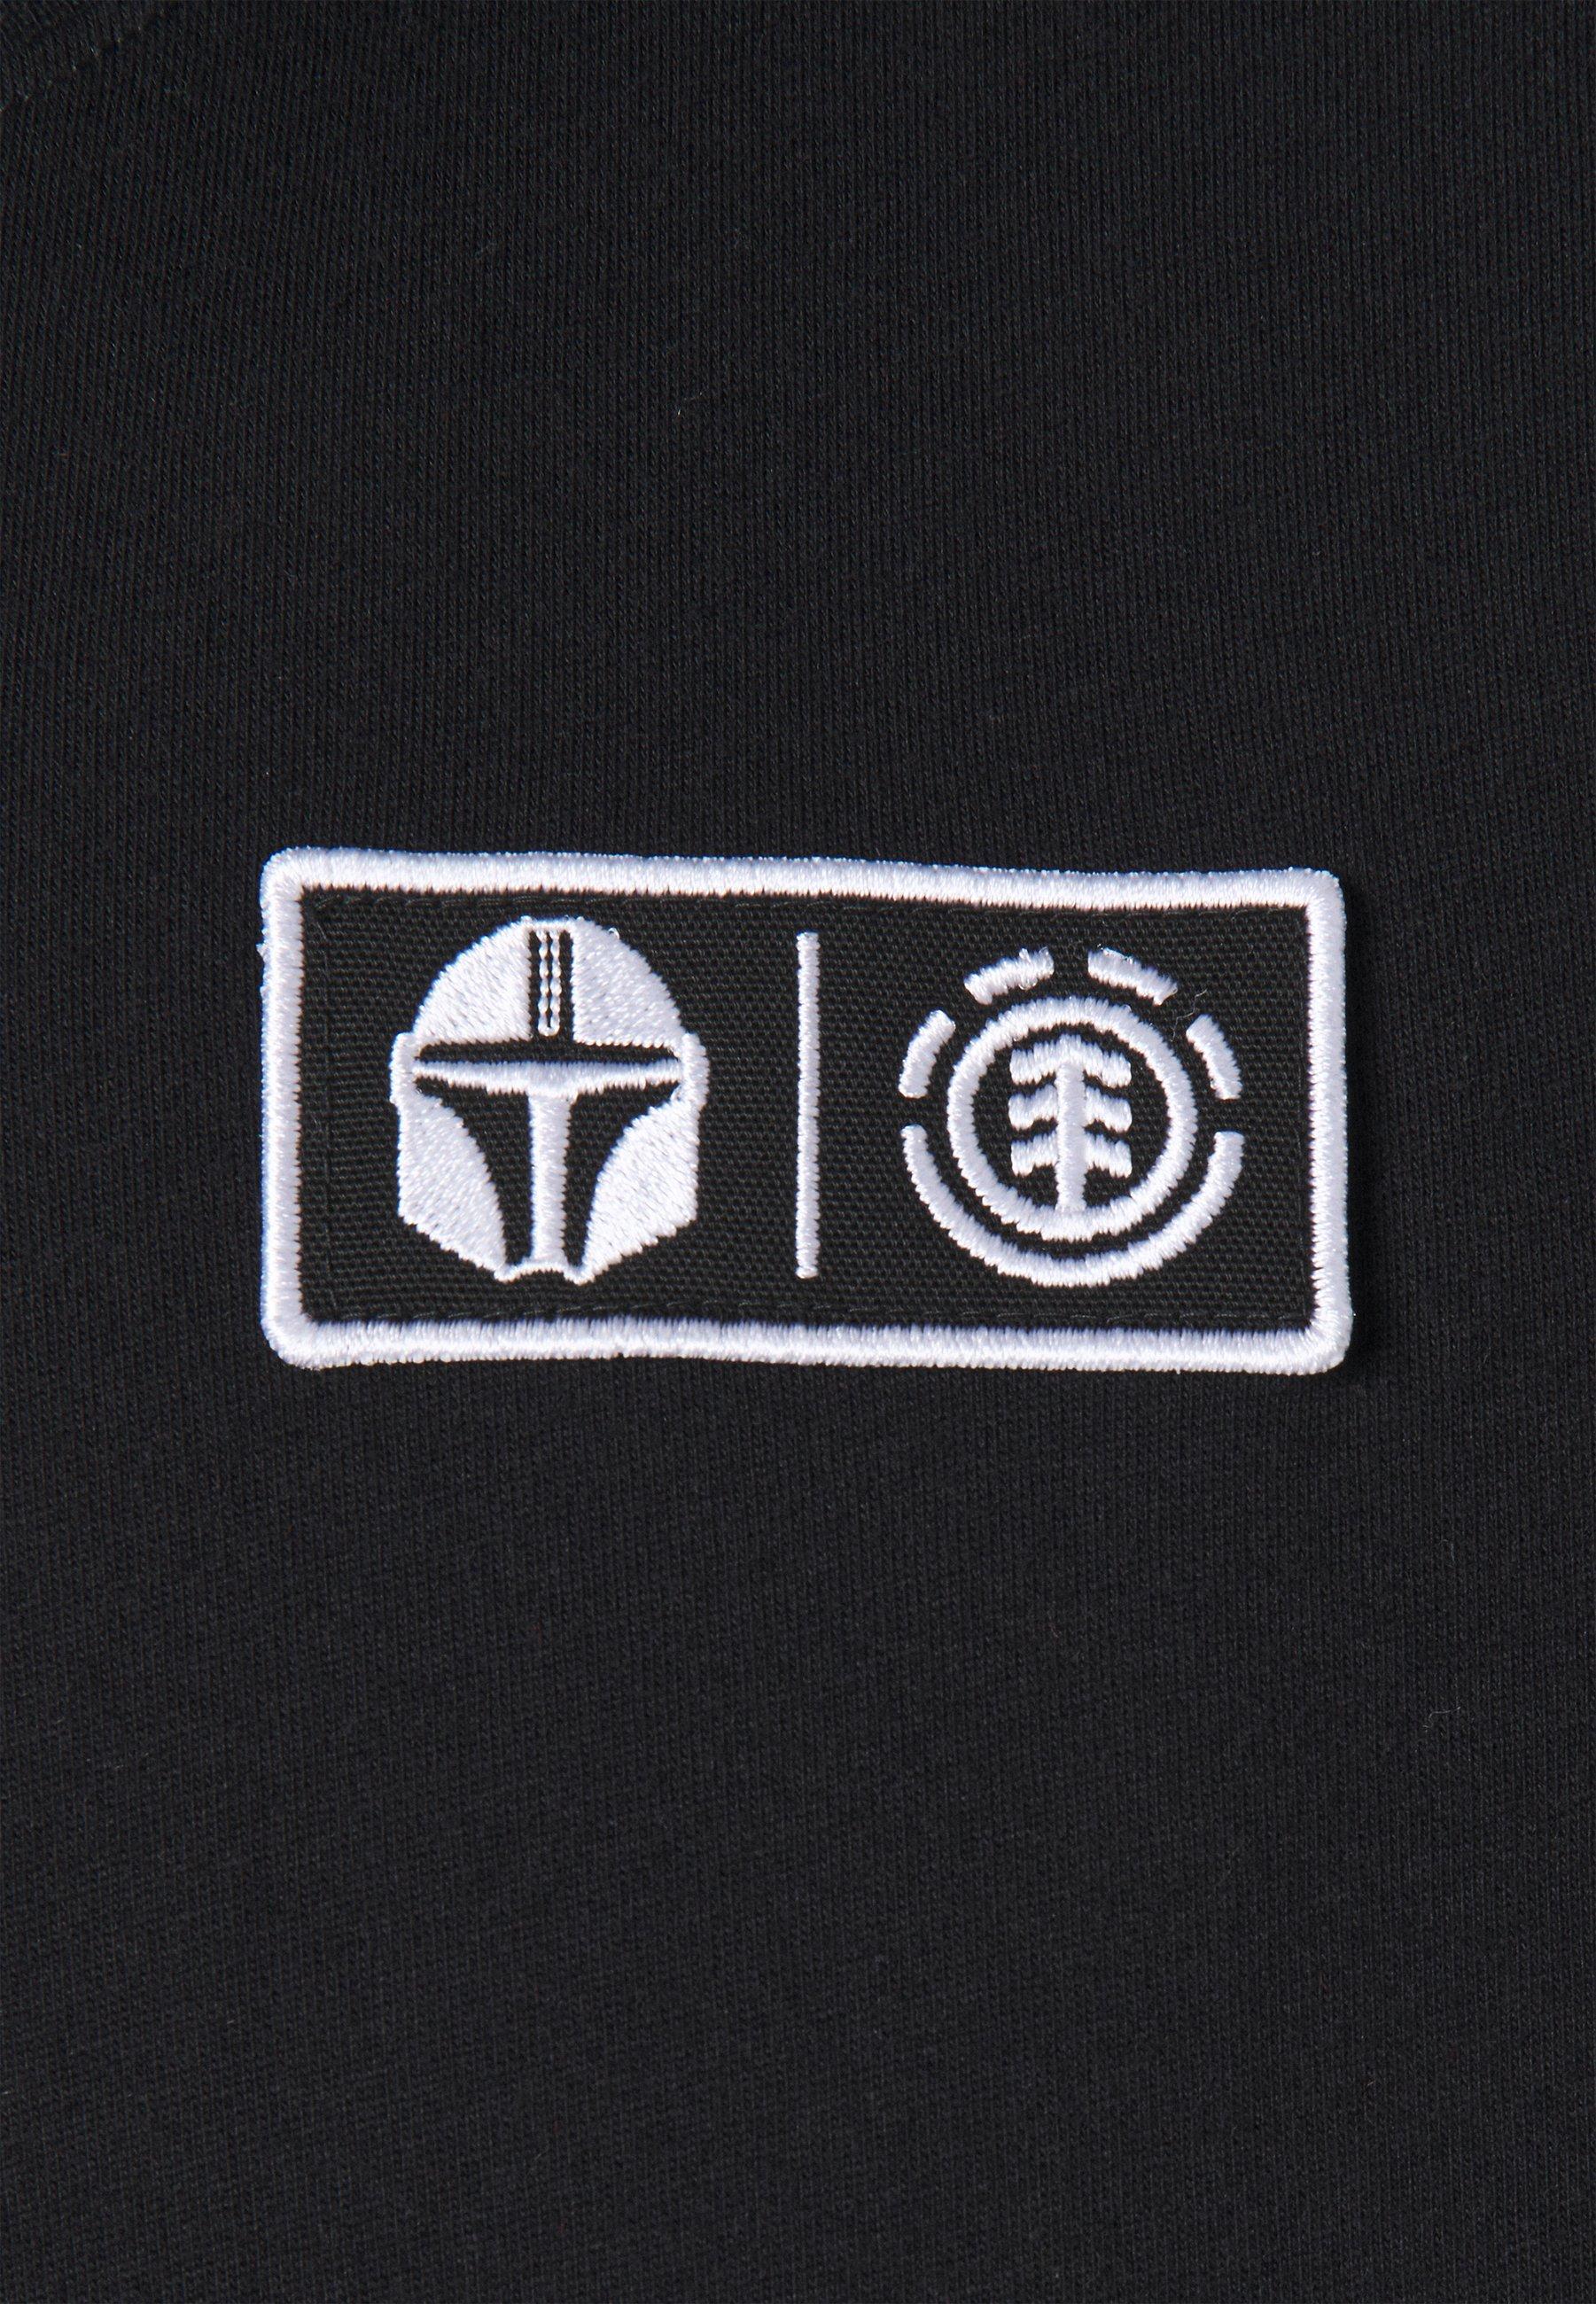 Element Star Wars X Child - T-shirts Med Print Flint Black/svart